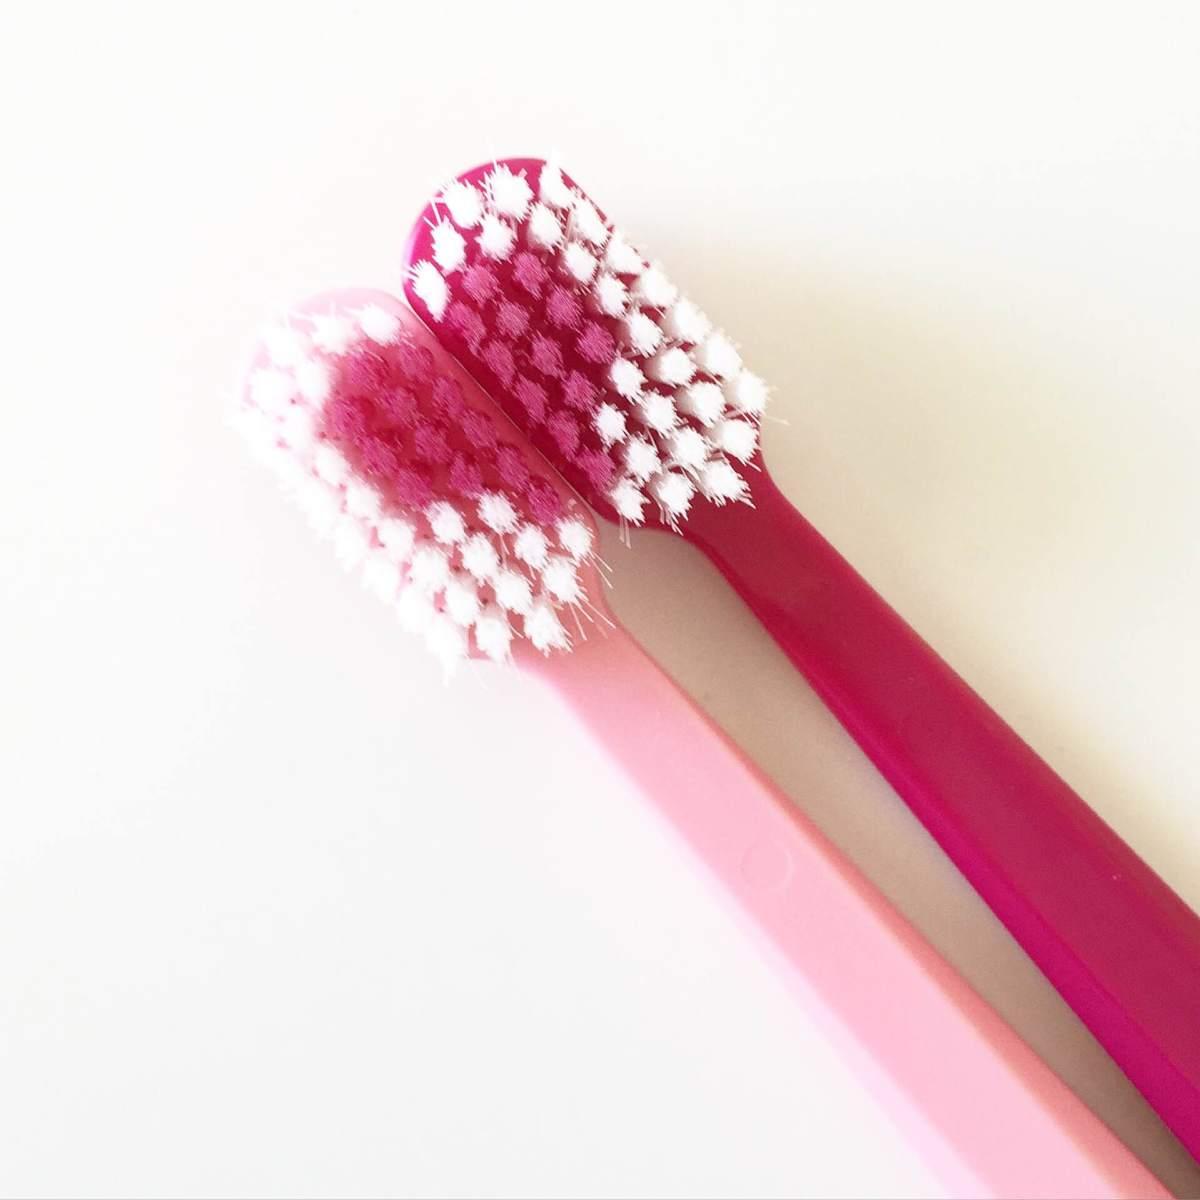 Como escolher uma escova de dentes - Escova Curaprox 5460 | Resenha